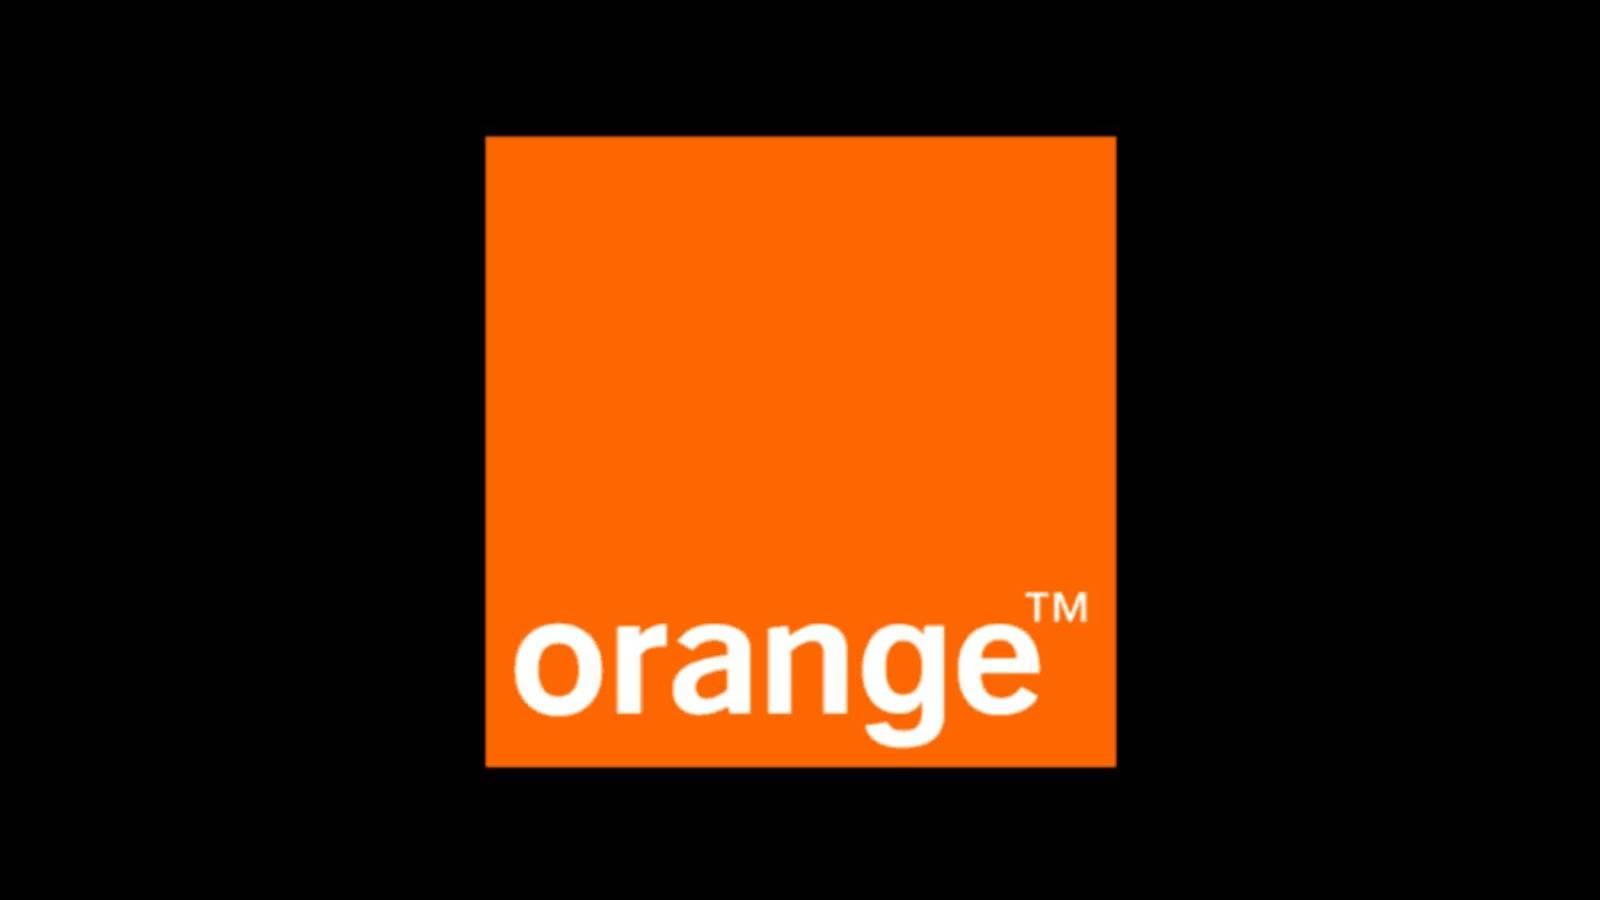 Orange alocare